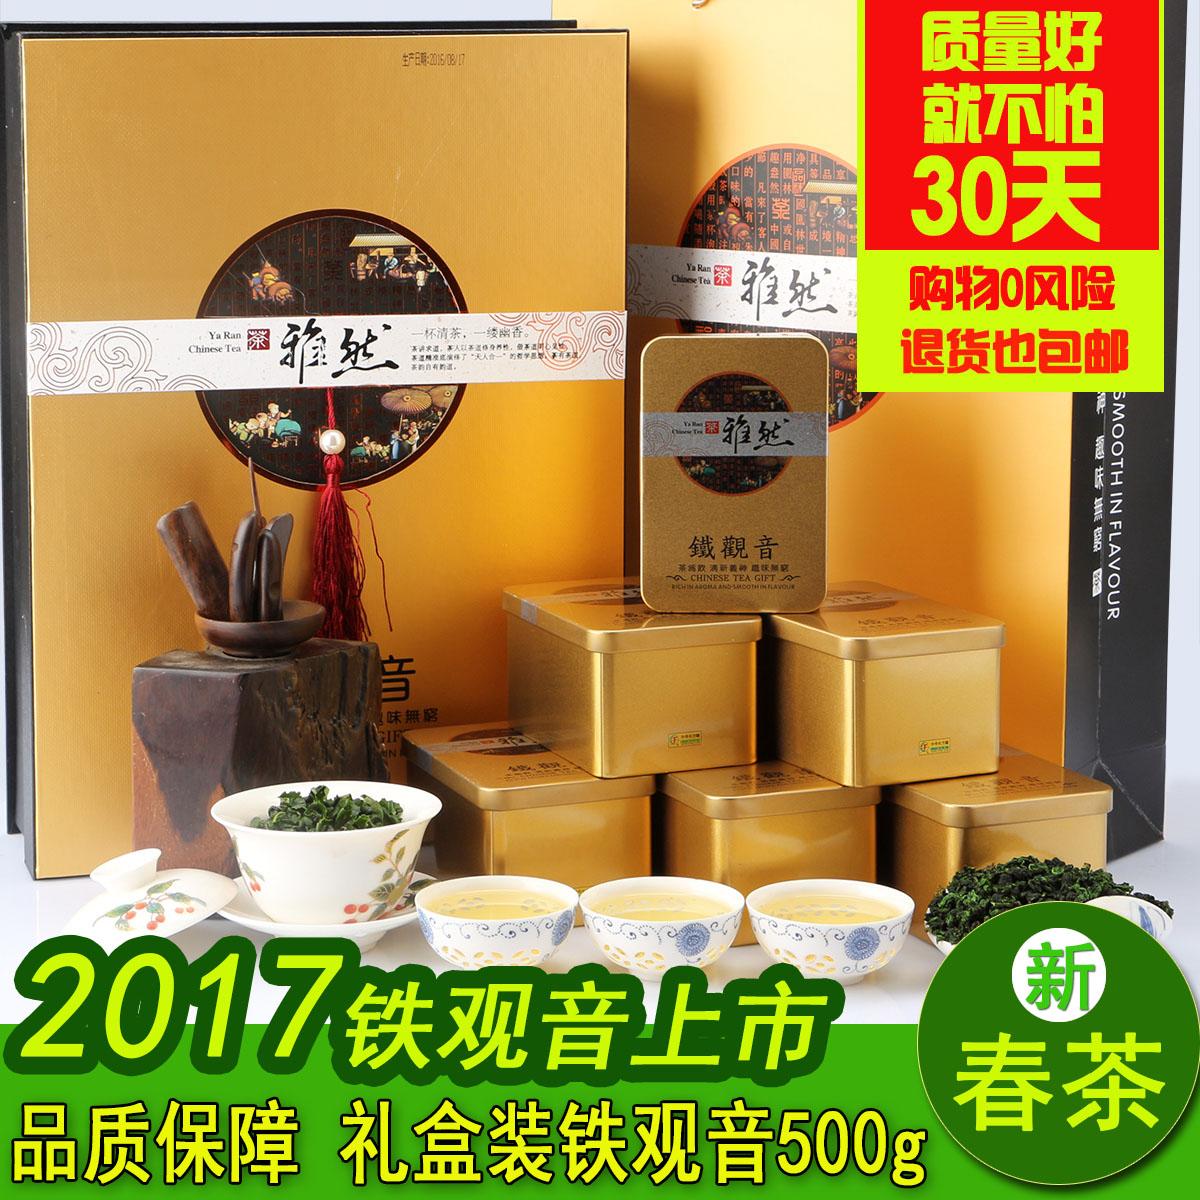 2017 альпийский весна чай сейф ручей железо гуань-инь аромат тип чай подарок орхидея ладан черный дракон чай новый чай 500g